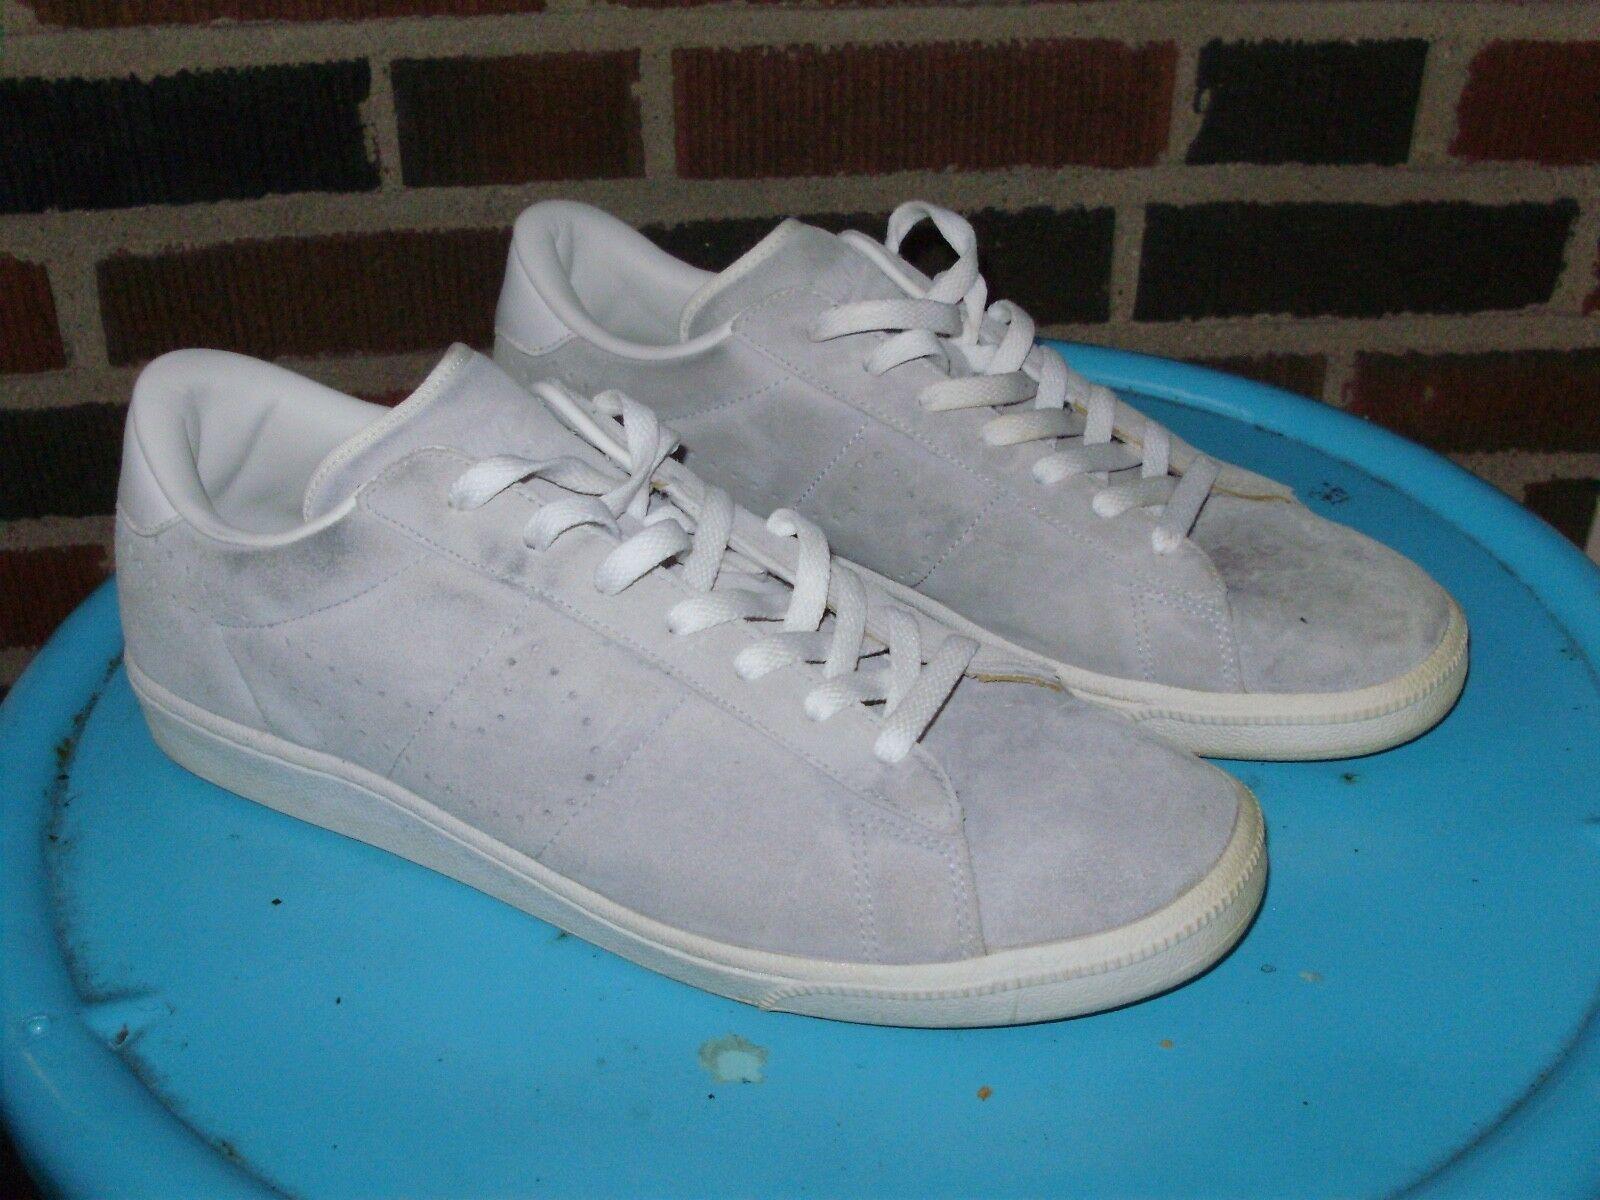 2008 NIKE ZOOM HF FRAGMENT Tenis Zapatos Hiroshi Fujiwara nosotros tamaño 11